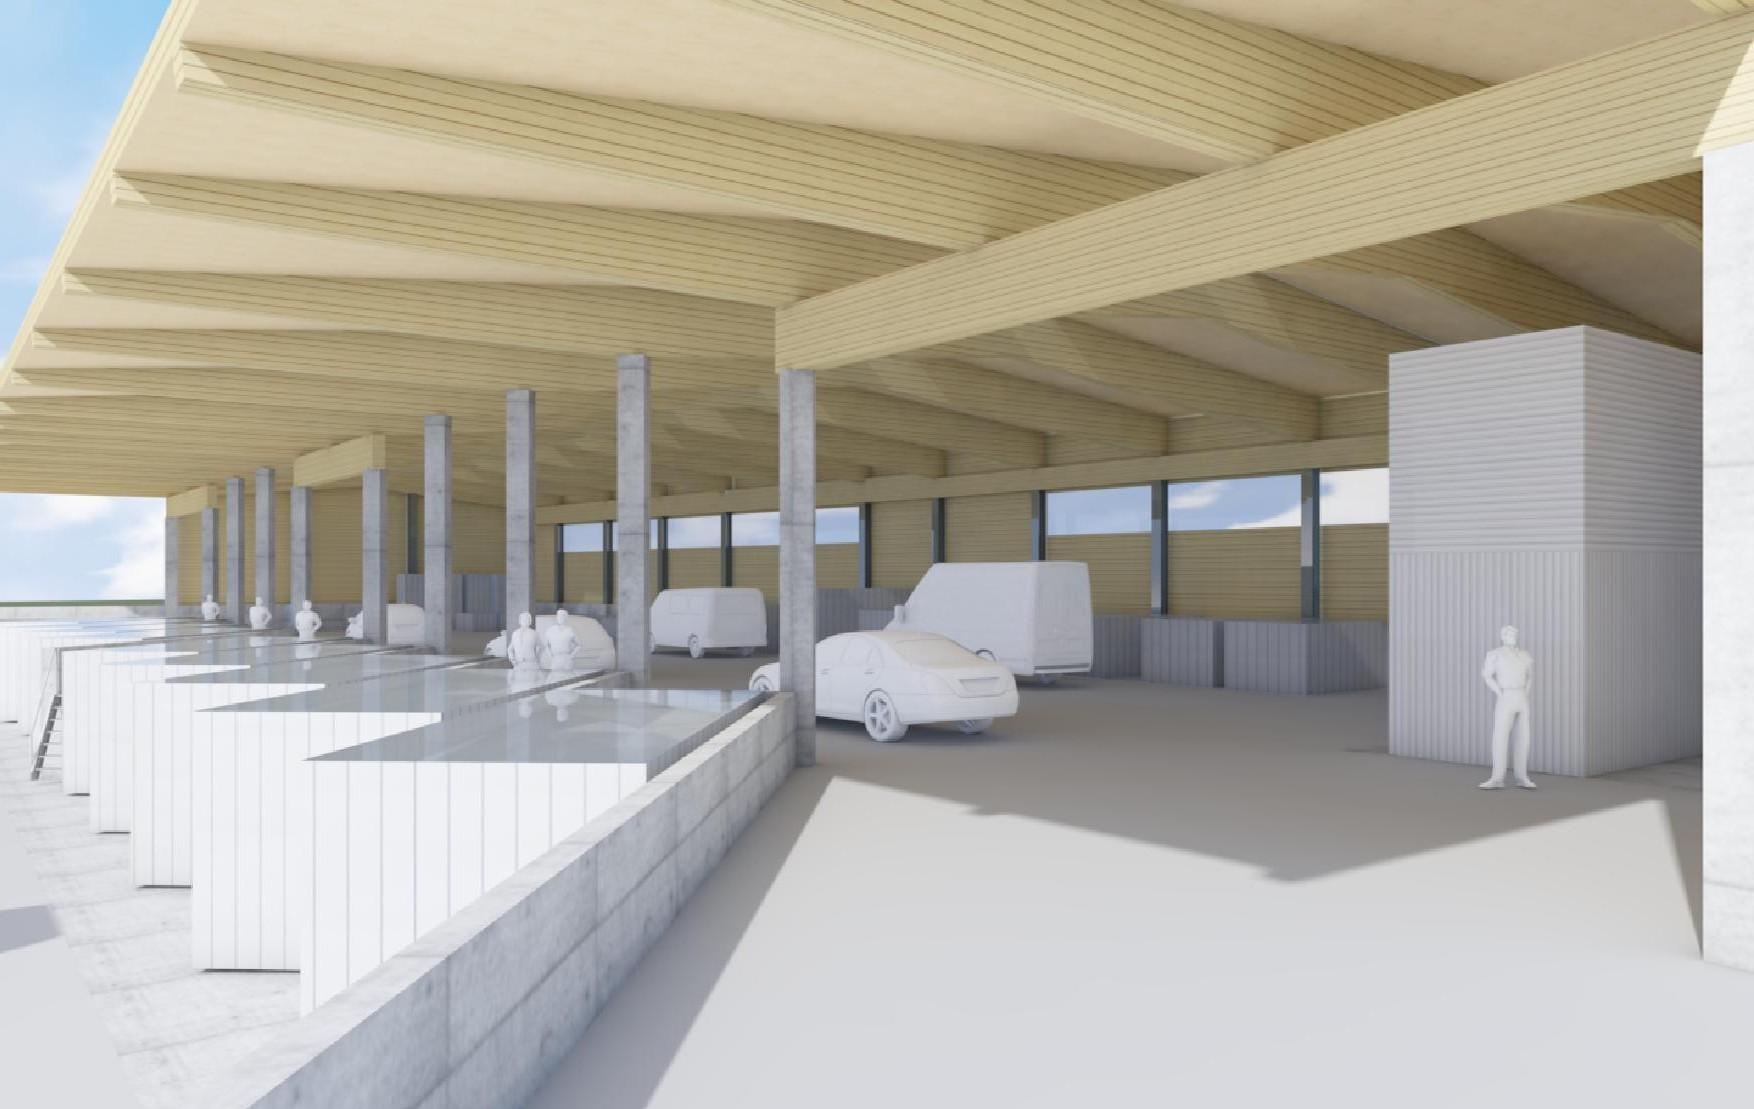 Architektur + Bauleitung: Knoflach Ingenieurbüro